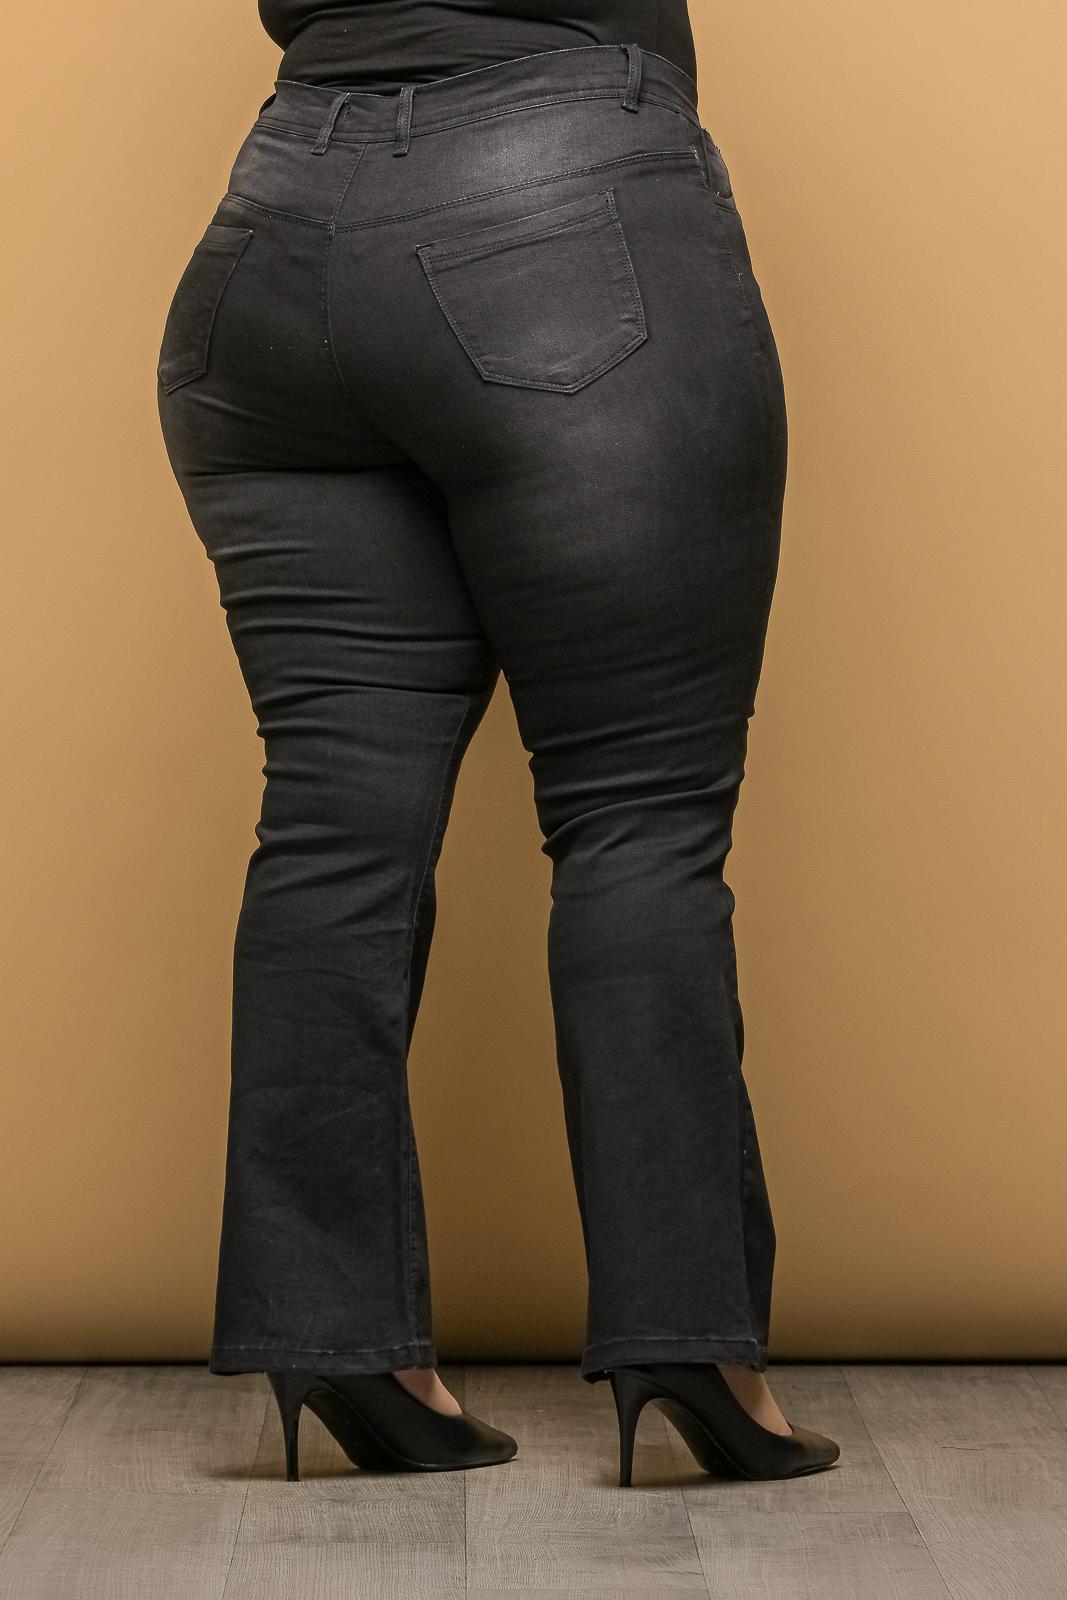 Τζιν +Psx μεγάλα μεγέθη ελαστικό μαύρο πετροπλυμένο καμπάνα .Στο eshop μας θα βρείτε οικονομικά γυναίκεια ρούχα σε μεγάλα μεγέθη και υπερμεγέθη.